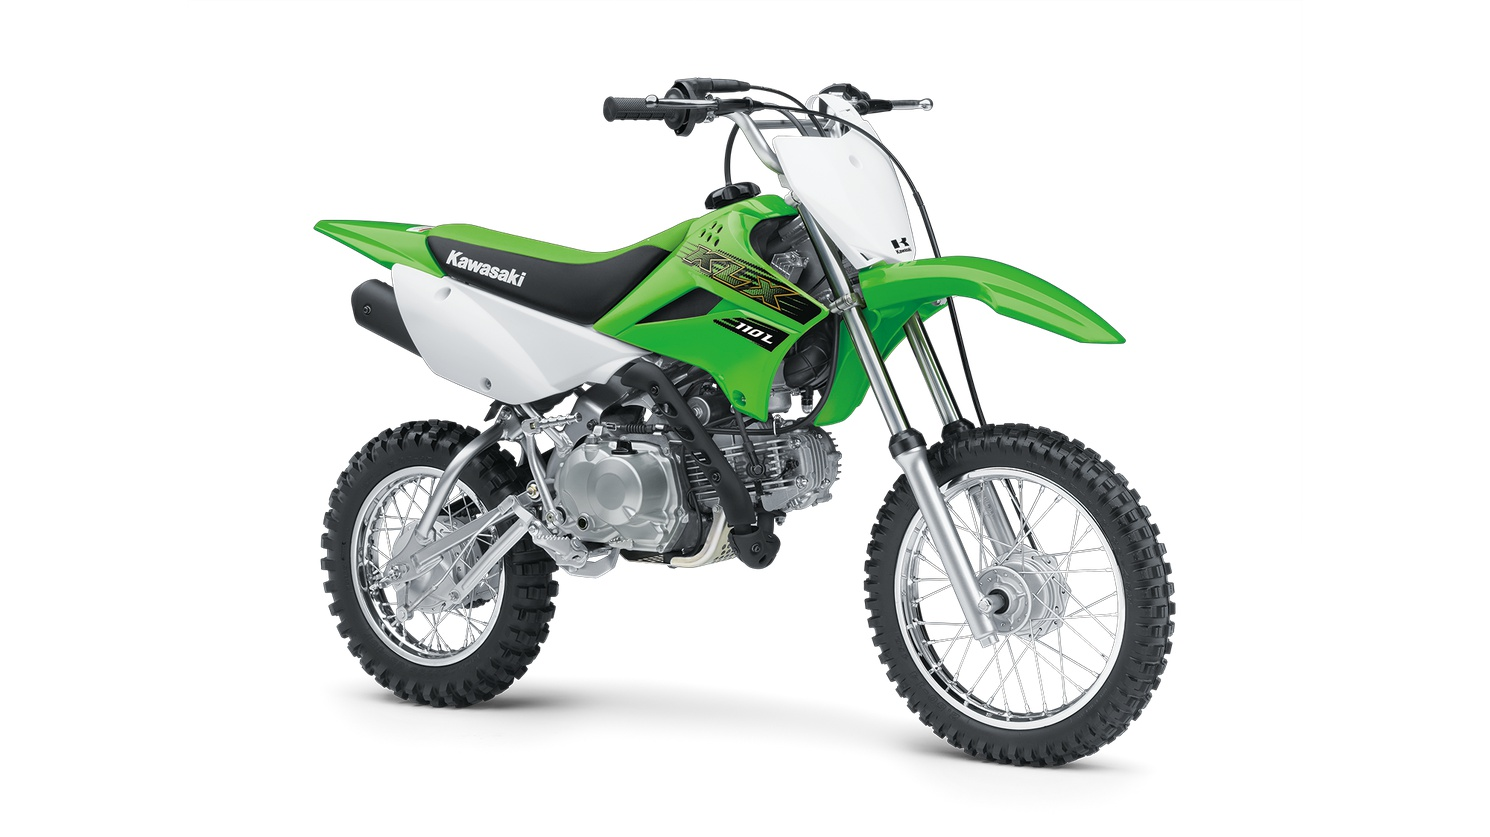 2020 Kawasaki KLX110L Lime Green